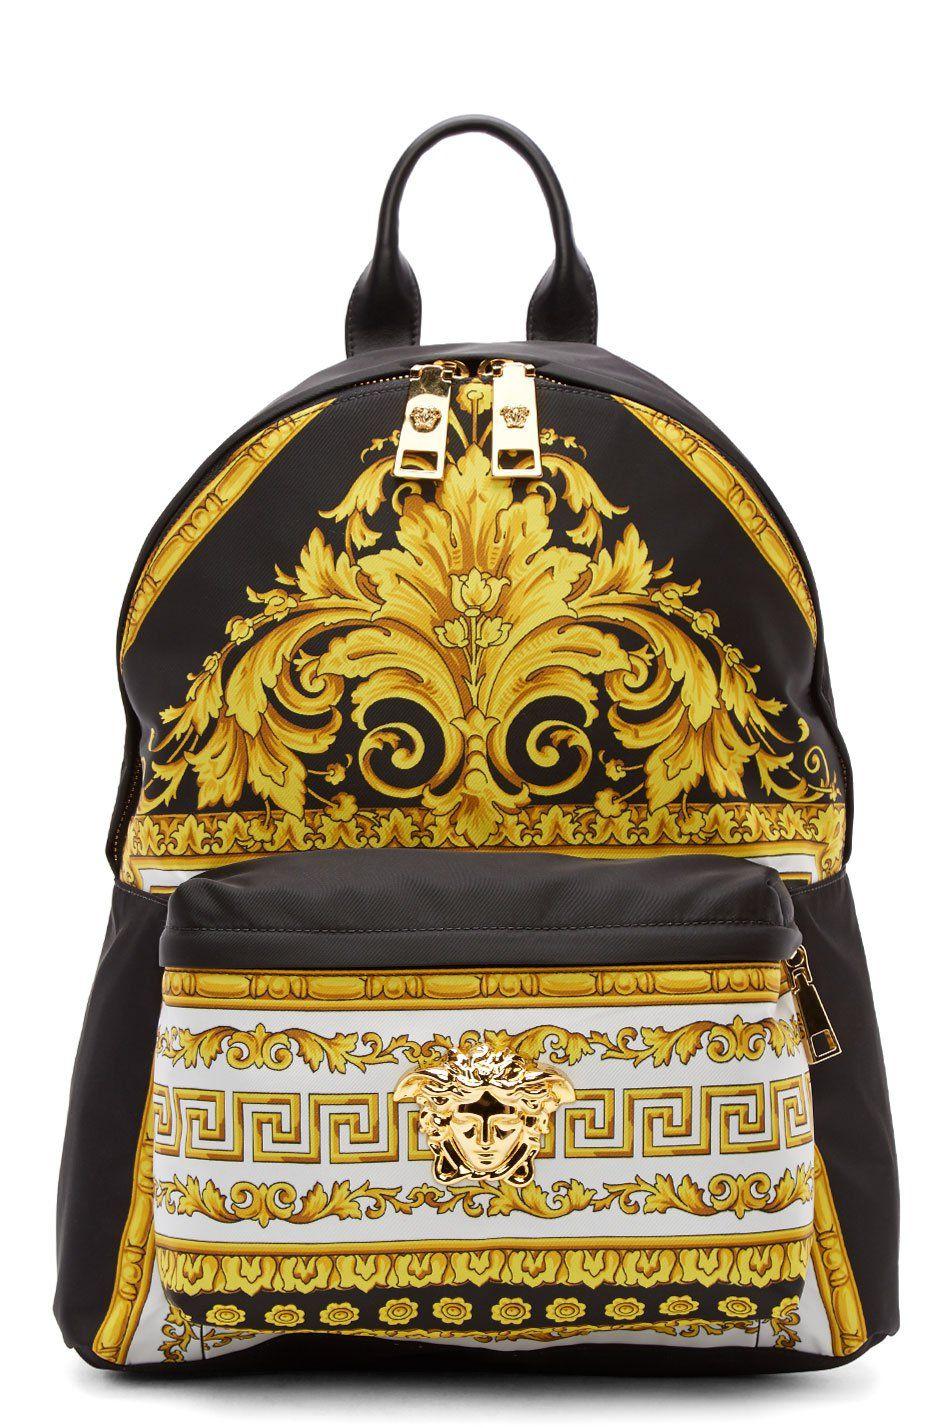 8d0d5e545c52 Versace Purses - Handbags - Satchels - Clutches - Totes - Bags ...